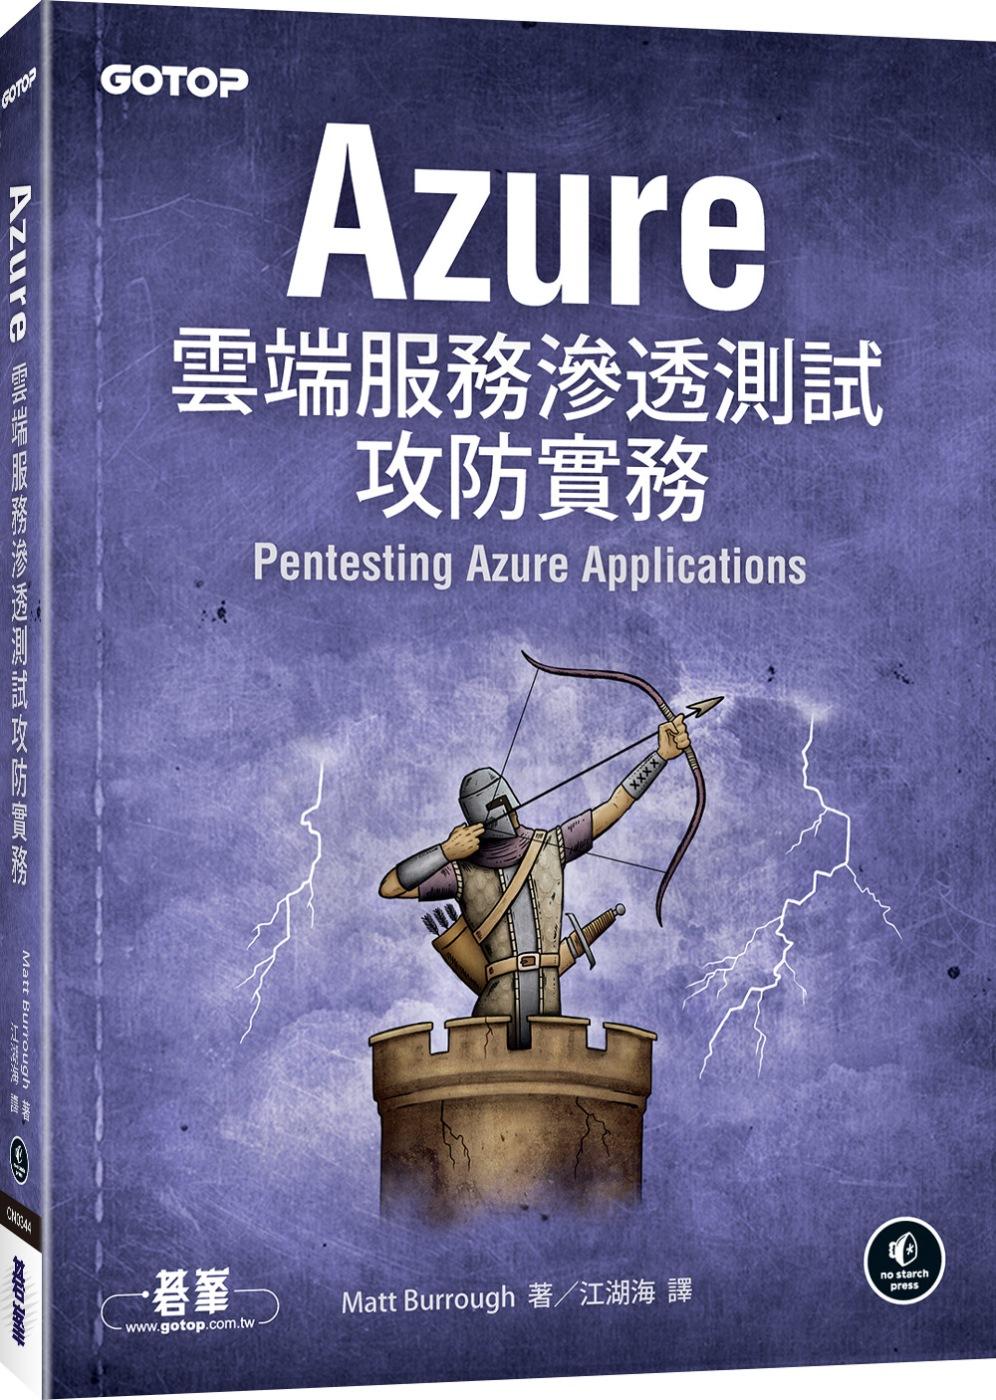 Azure雲端服務滲透測試攻防...